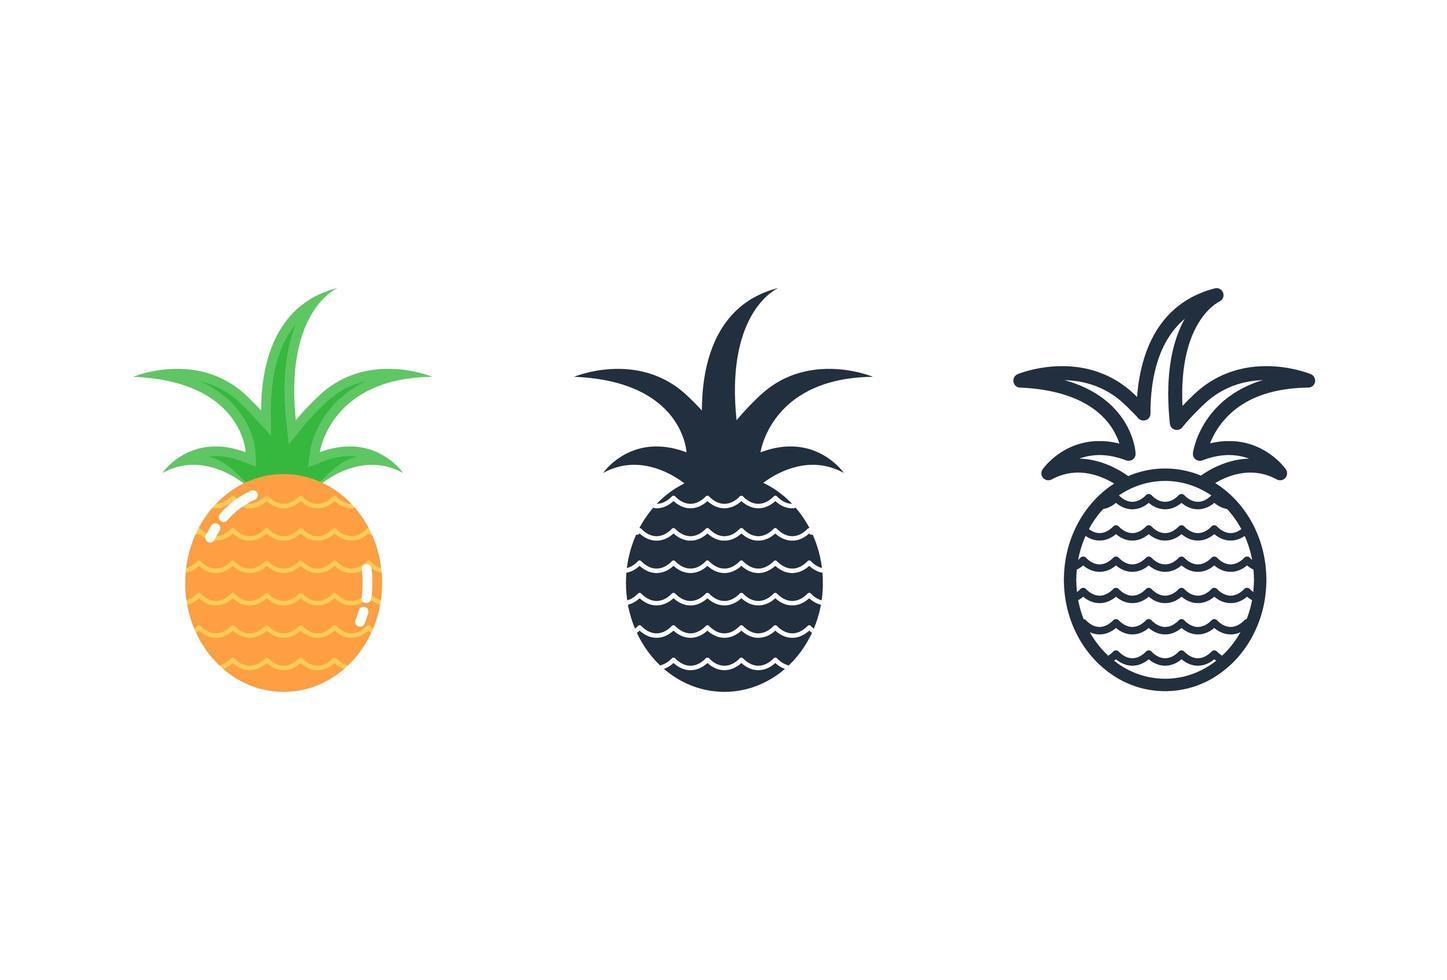 ananas ikon, frukt Ikonuppsättning vektor